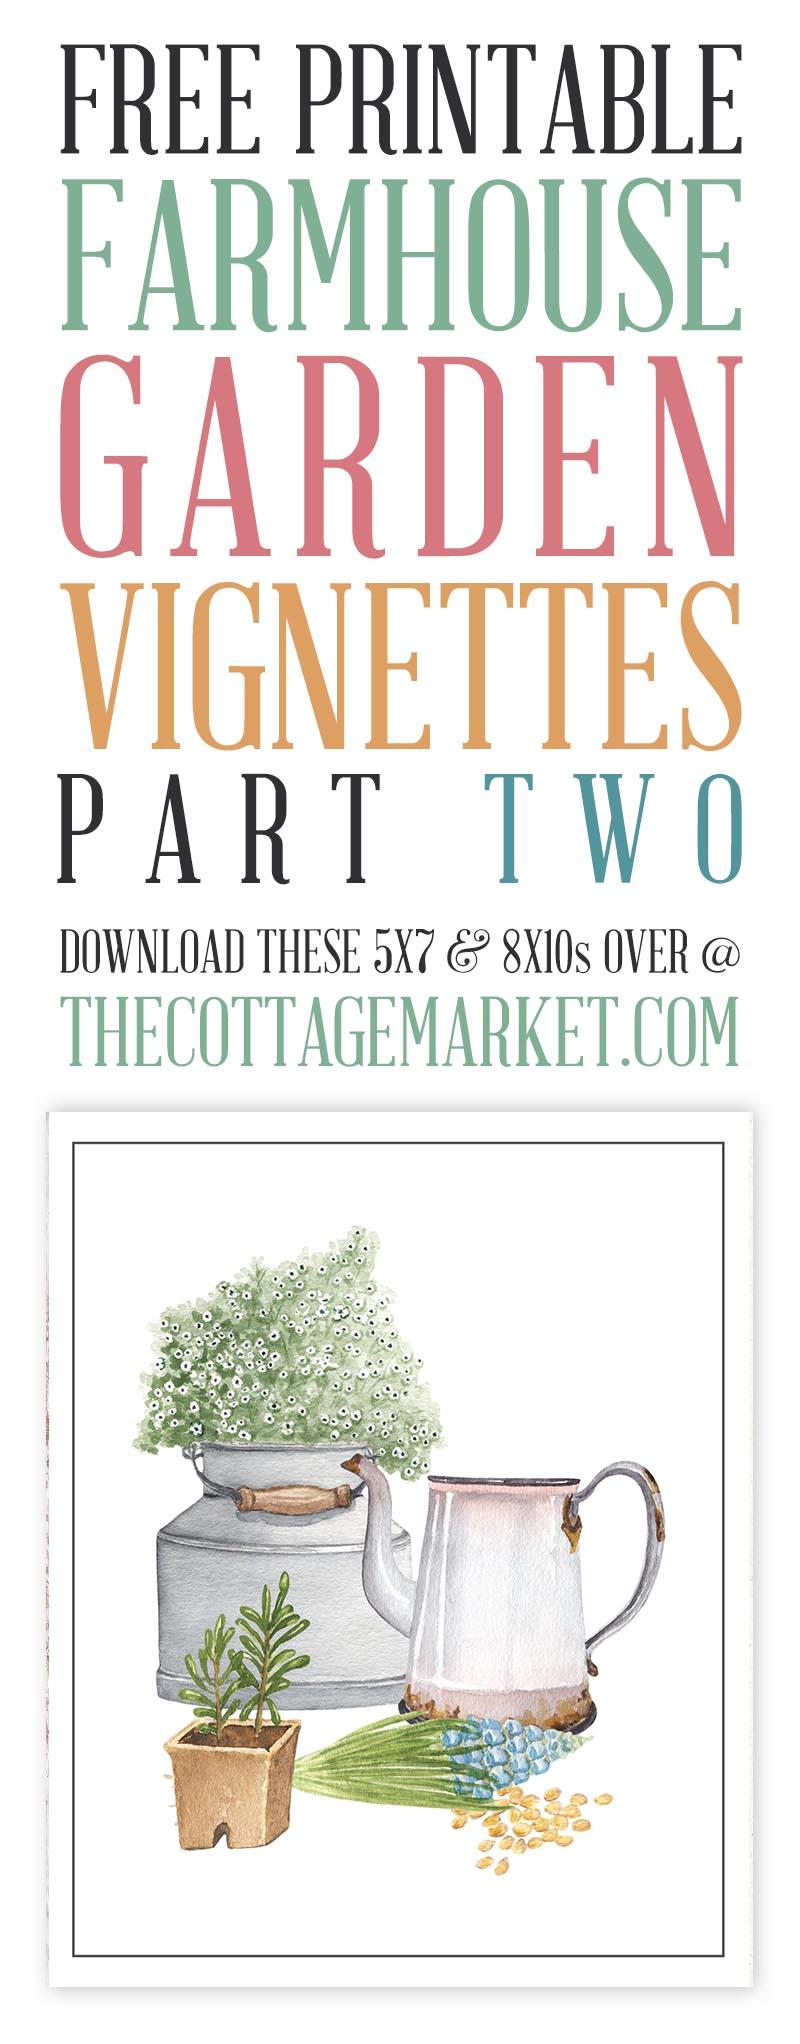 https://thecottagemarket.com/wp-content/uploads/2021/04/TCM-Garden-Vignette-Part2-White-T.jpg